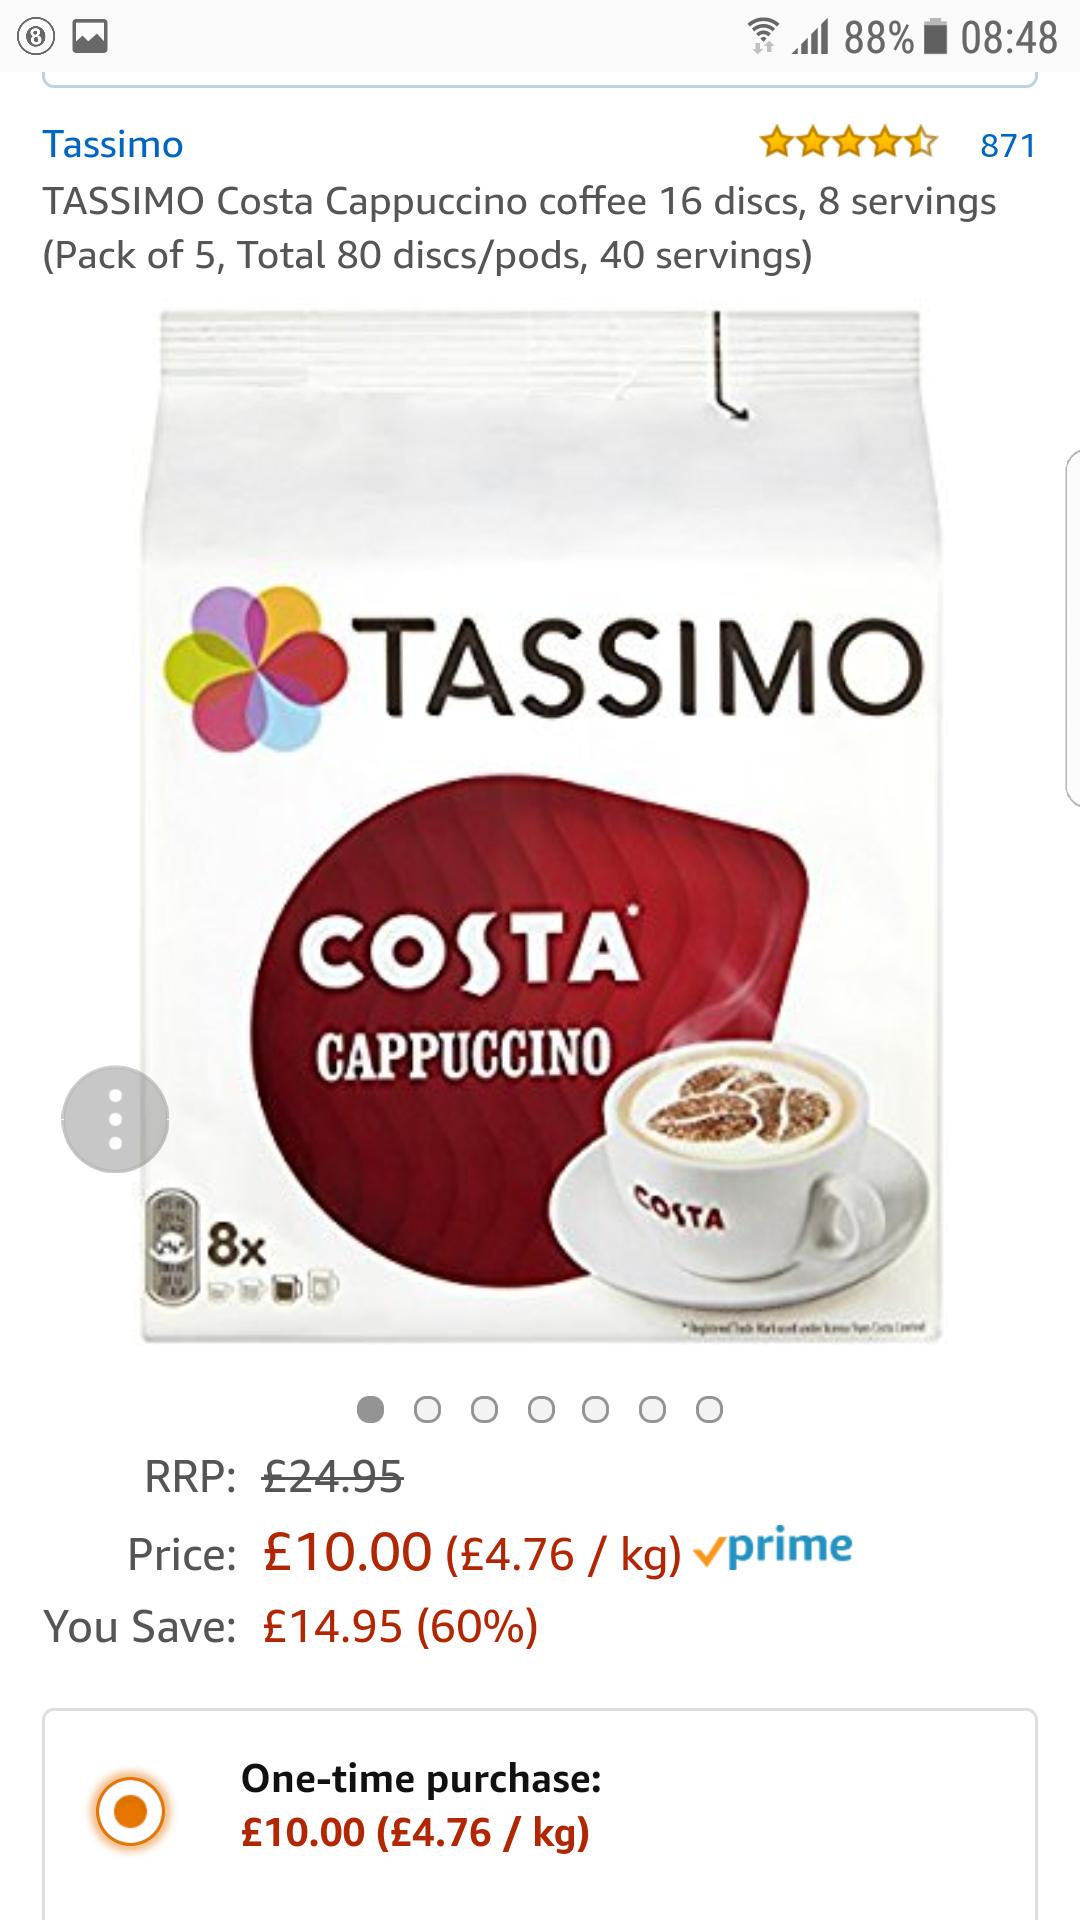 Costa cappuccino tassimo £10 (Prime) / £14.75 (non Prime) at Amazon